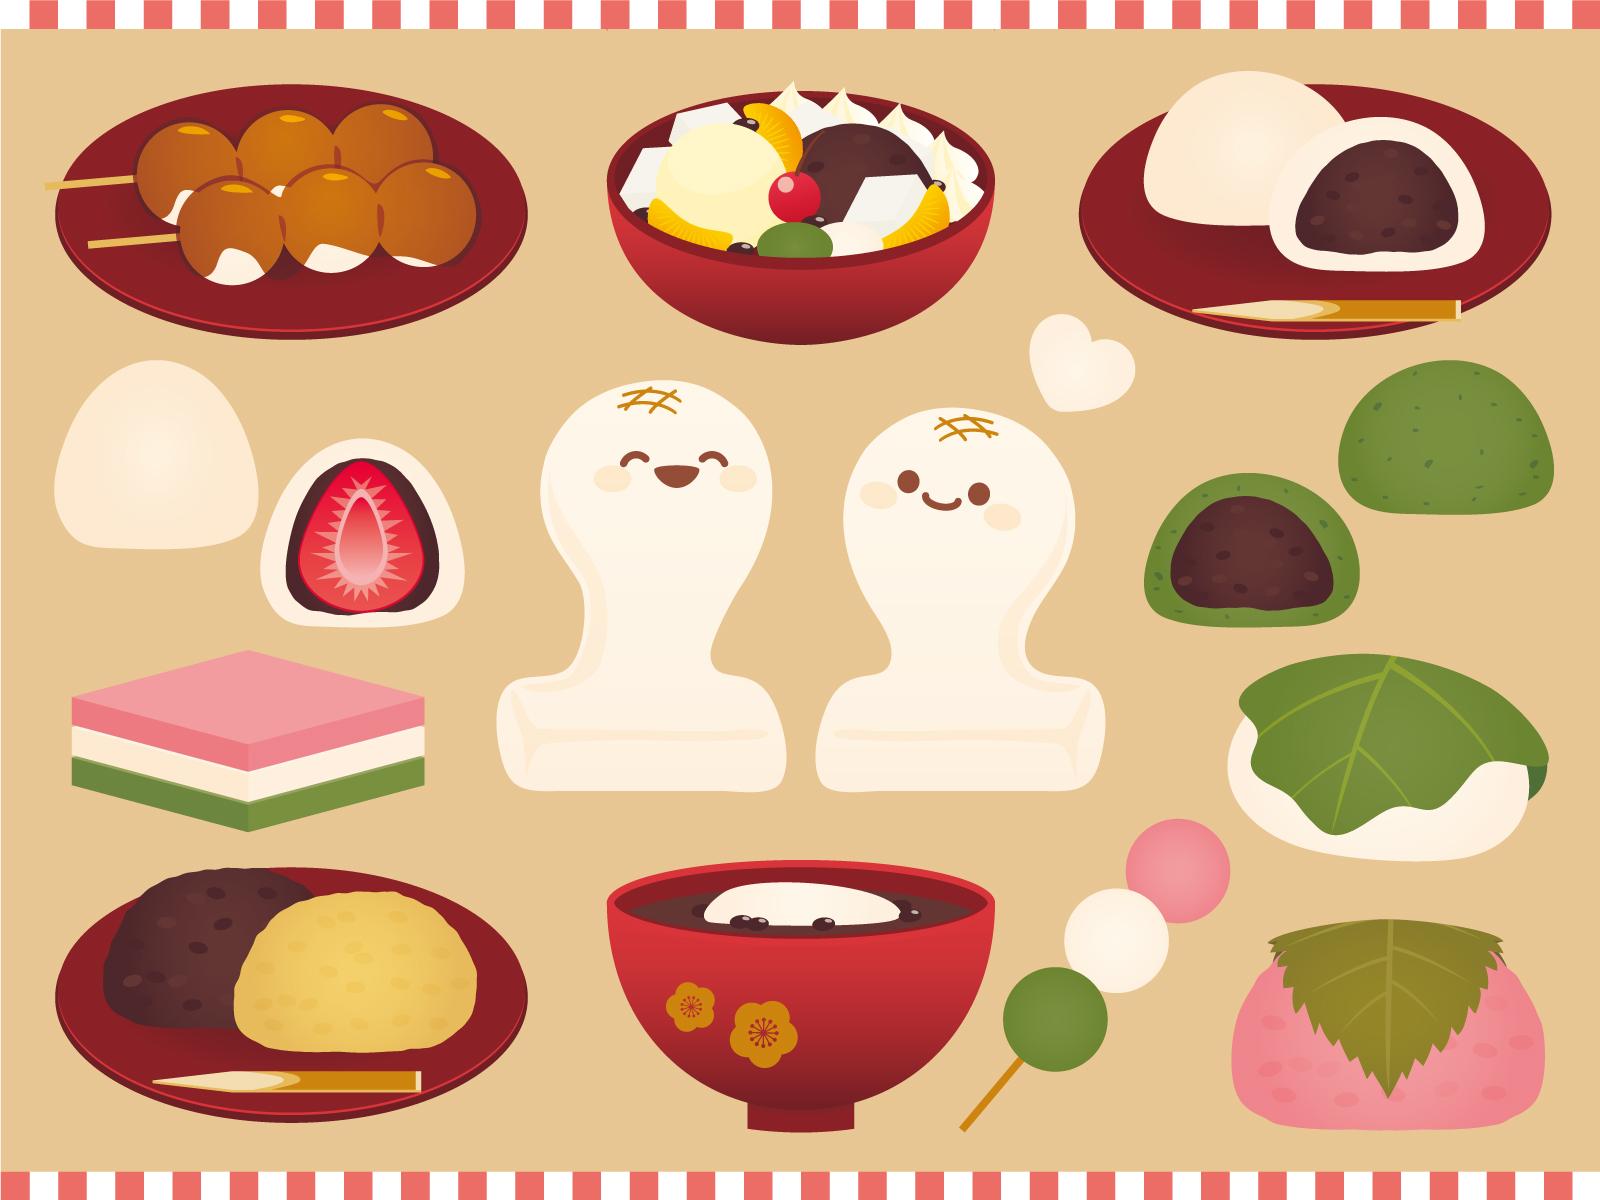 【高齢者向けおやつレク】簡単!!春(3・4・5月)におすすめの手作りお菓子を紹介!